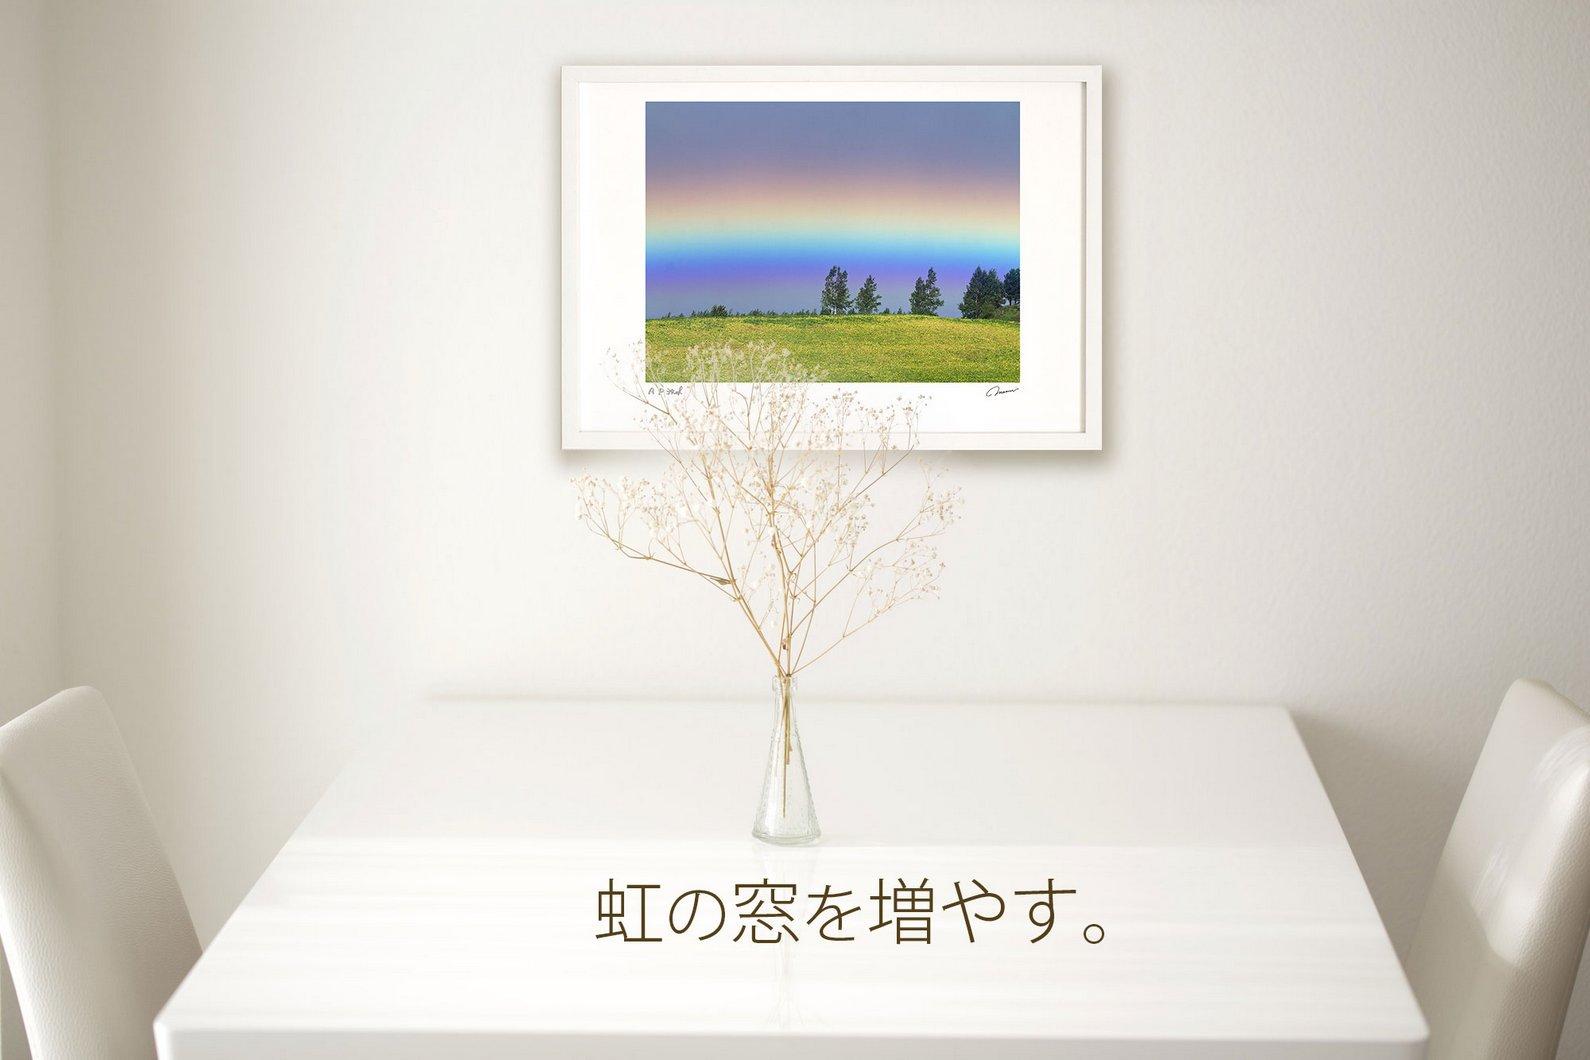 《アートフォト》シャクヤクの花1/美瑛町〔富良野・高橋真澄〕(レンタル対象)